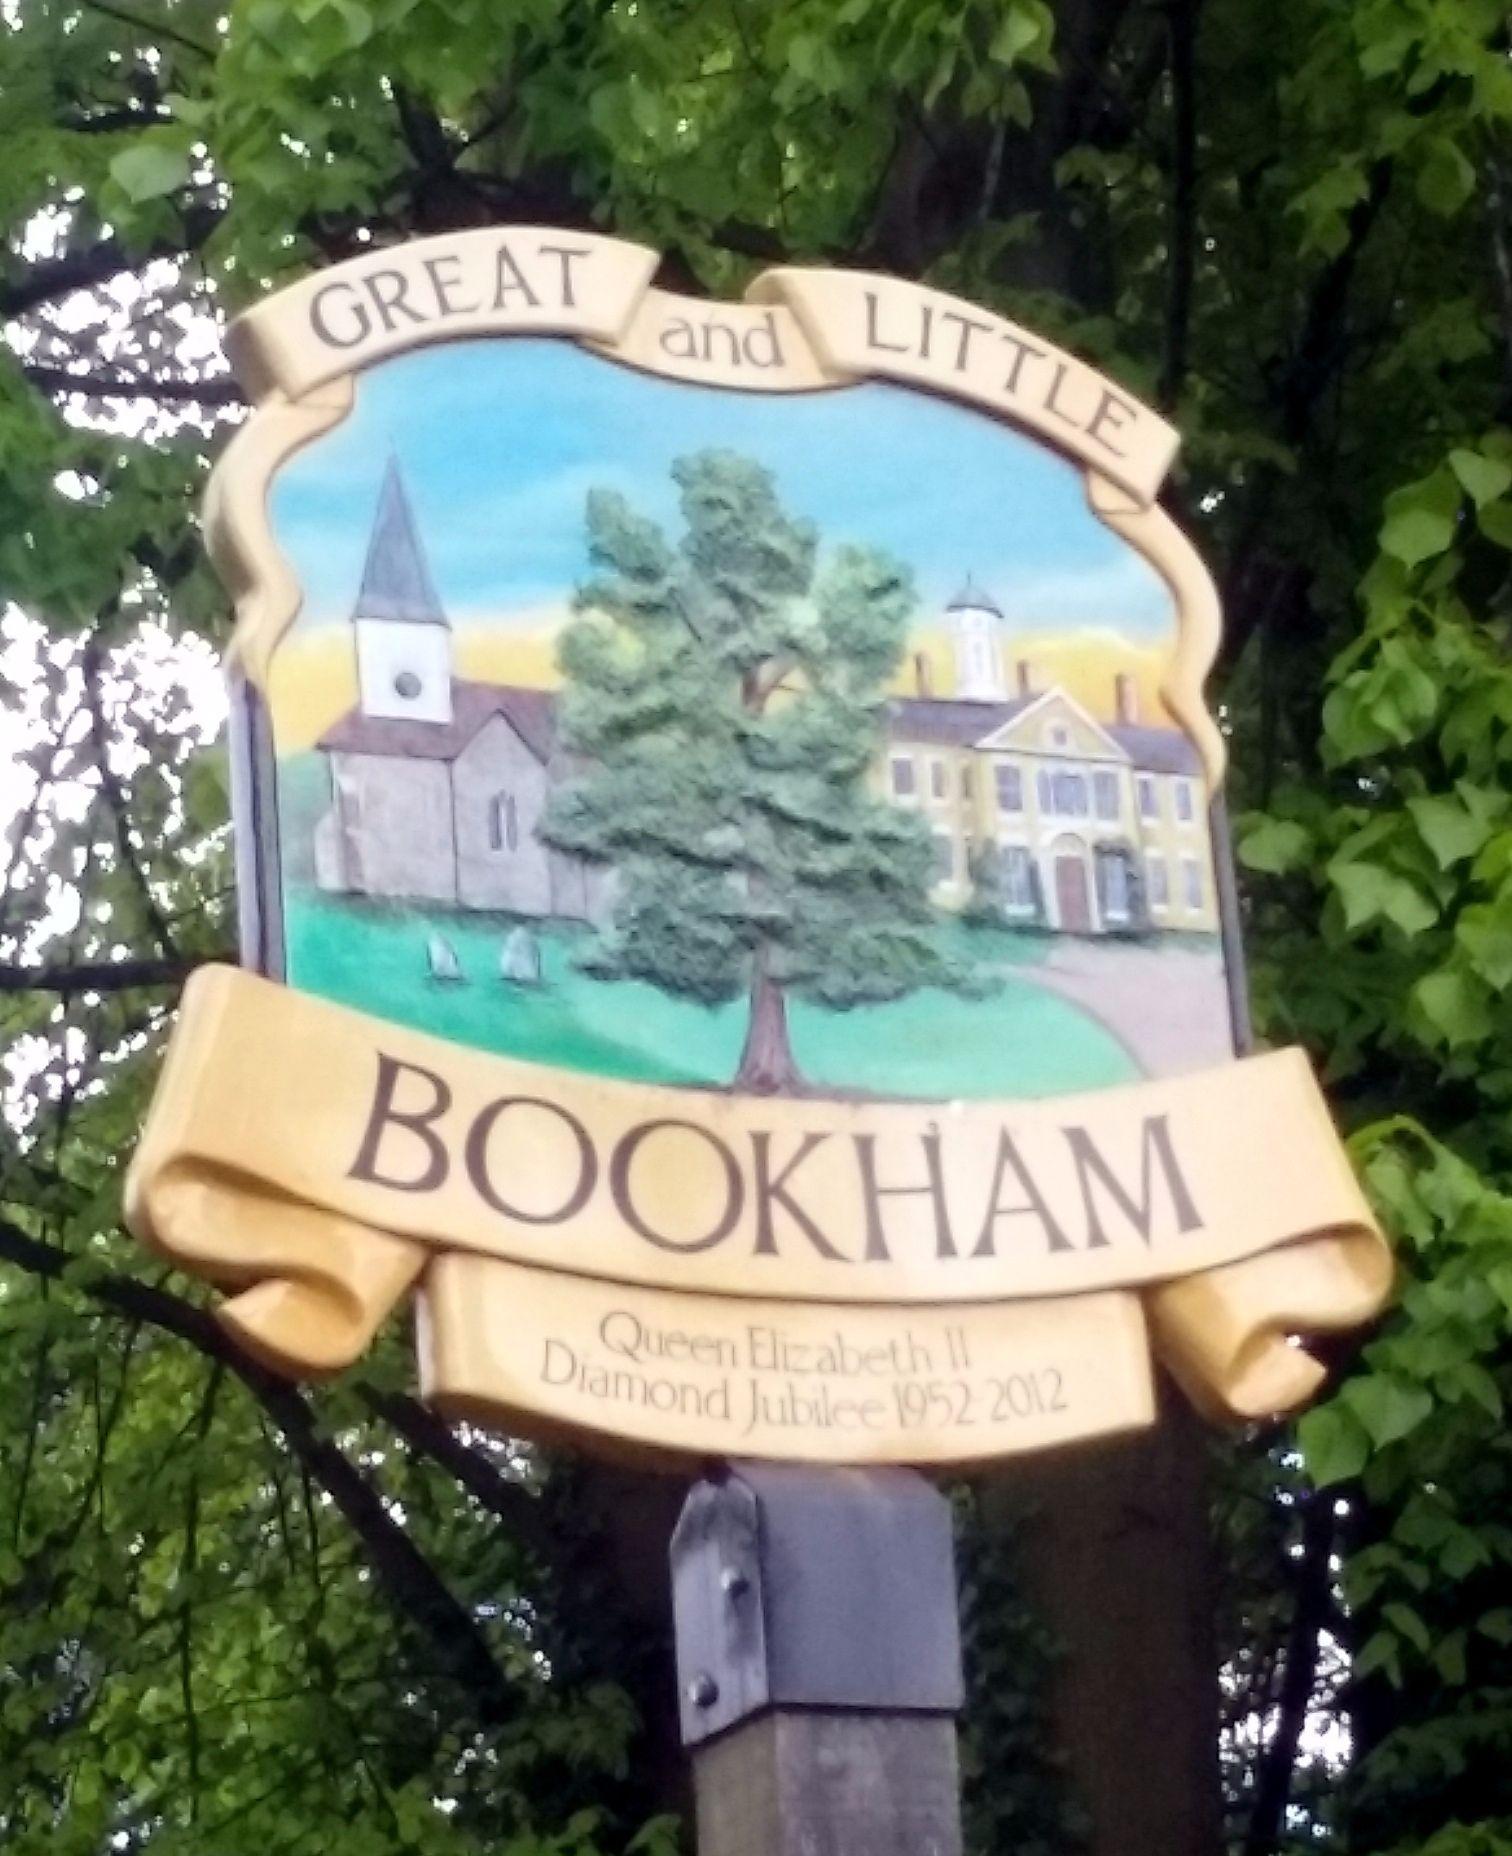 Bookhamcimer